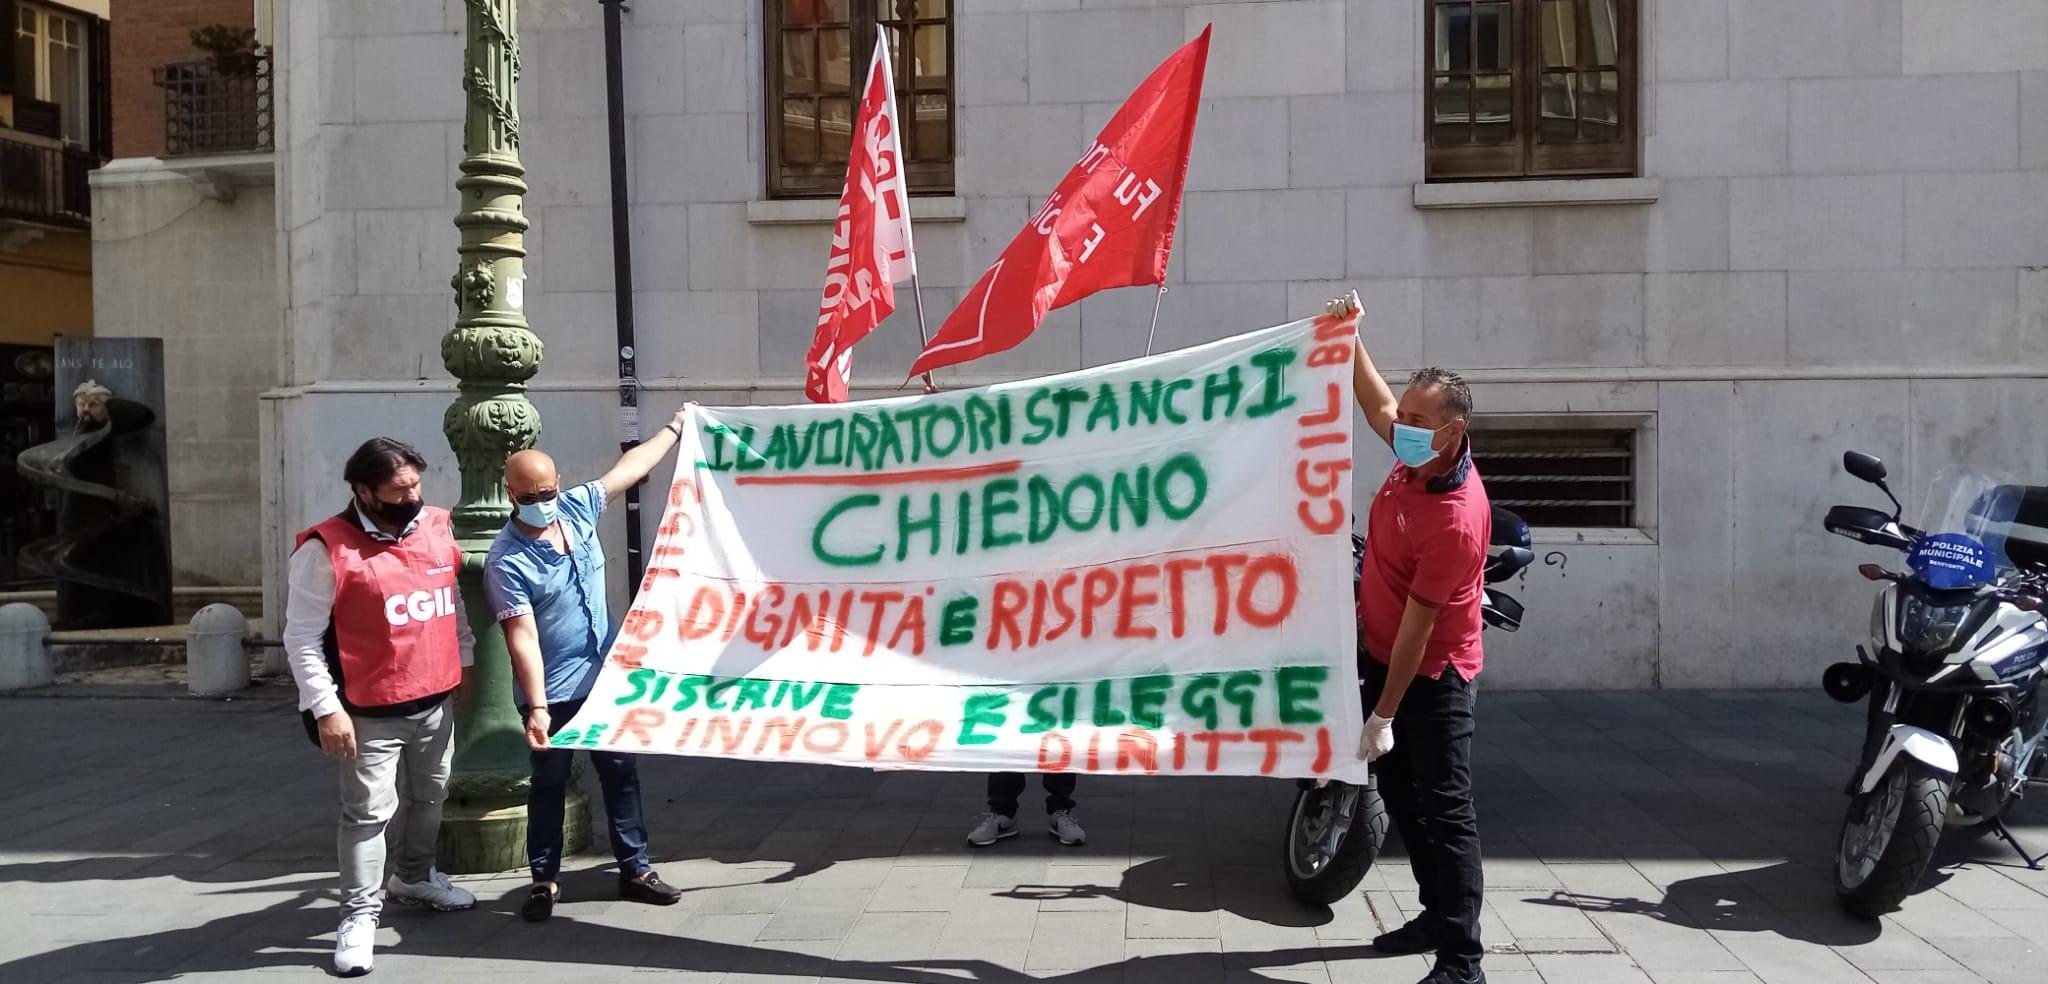 Lavoratori comparto sanita' privata: Fp Cgil scende in piazza per rinnovo contratto